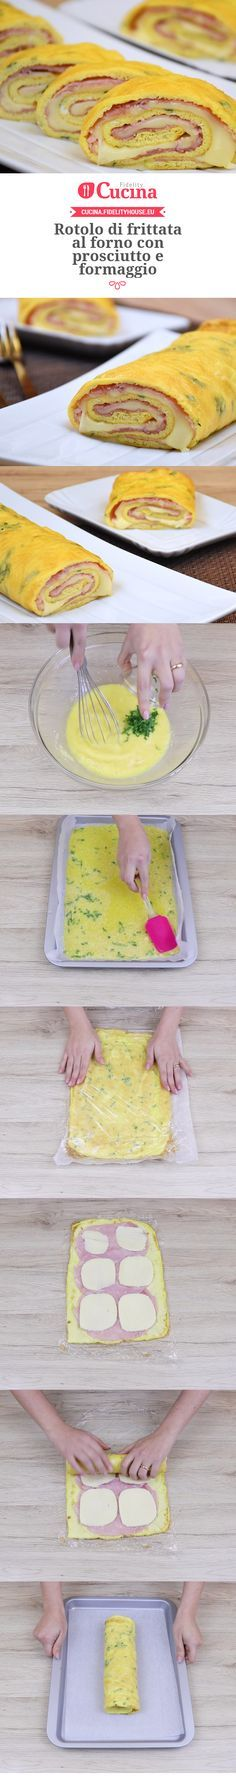 Rotolo di frittata al forno con prosciutto e formaggio